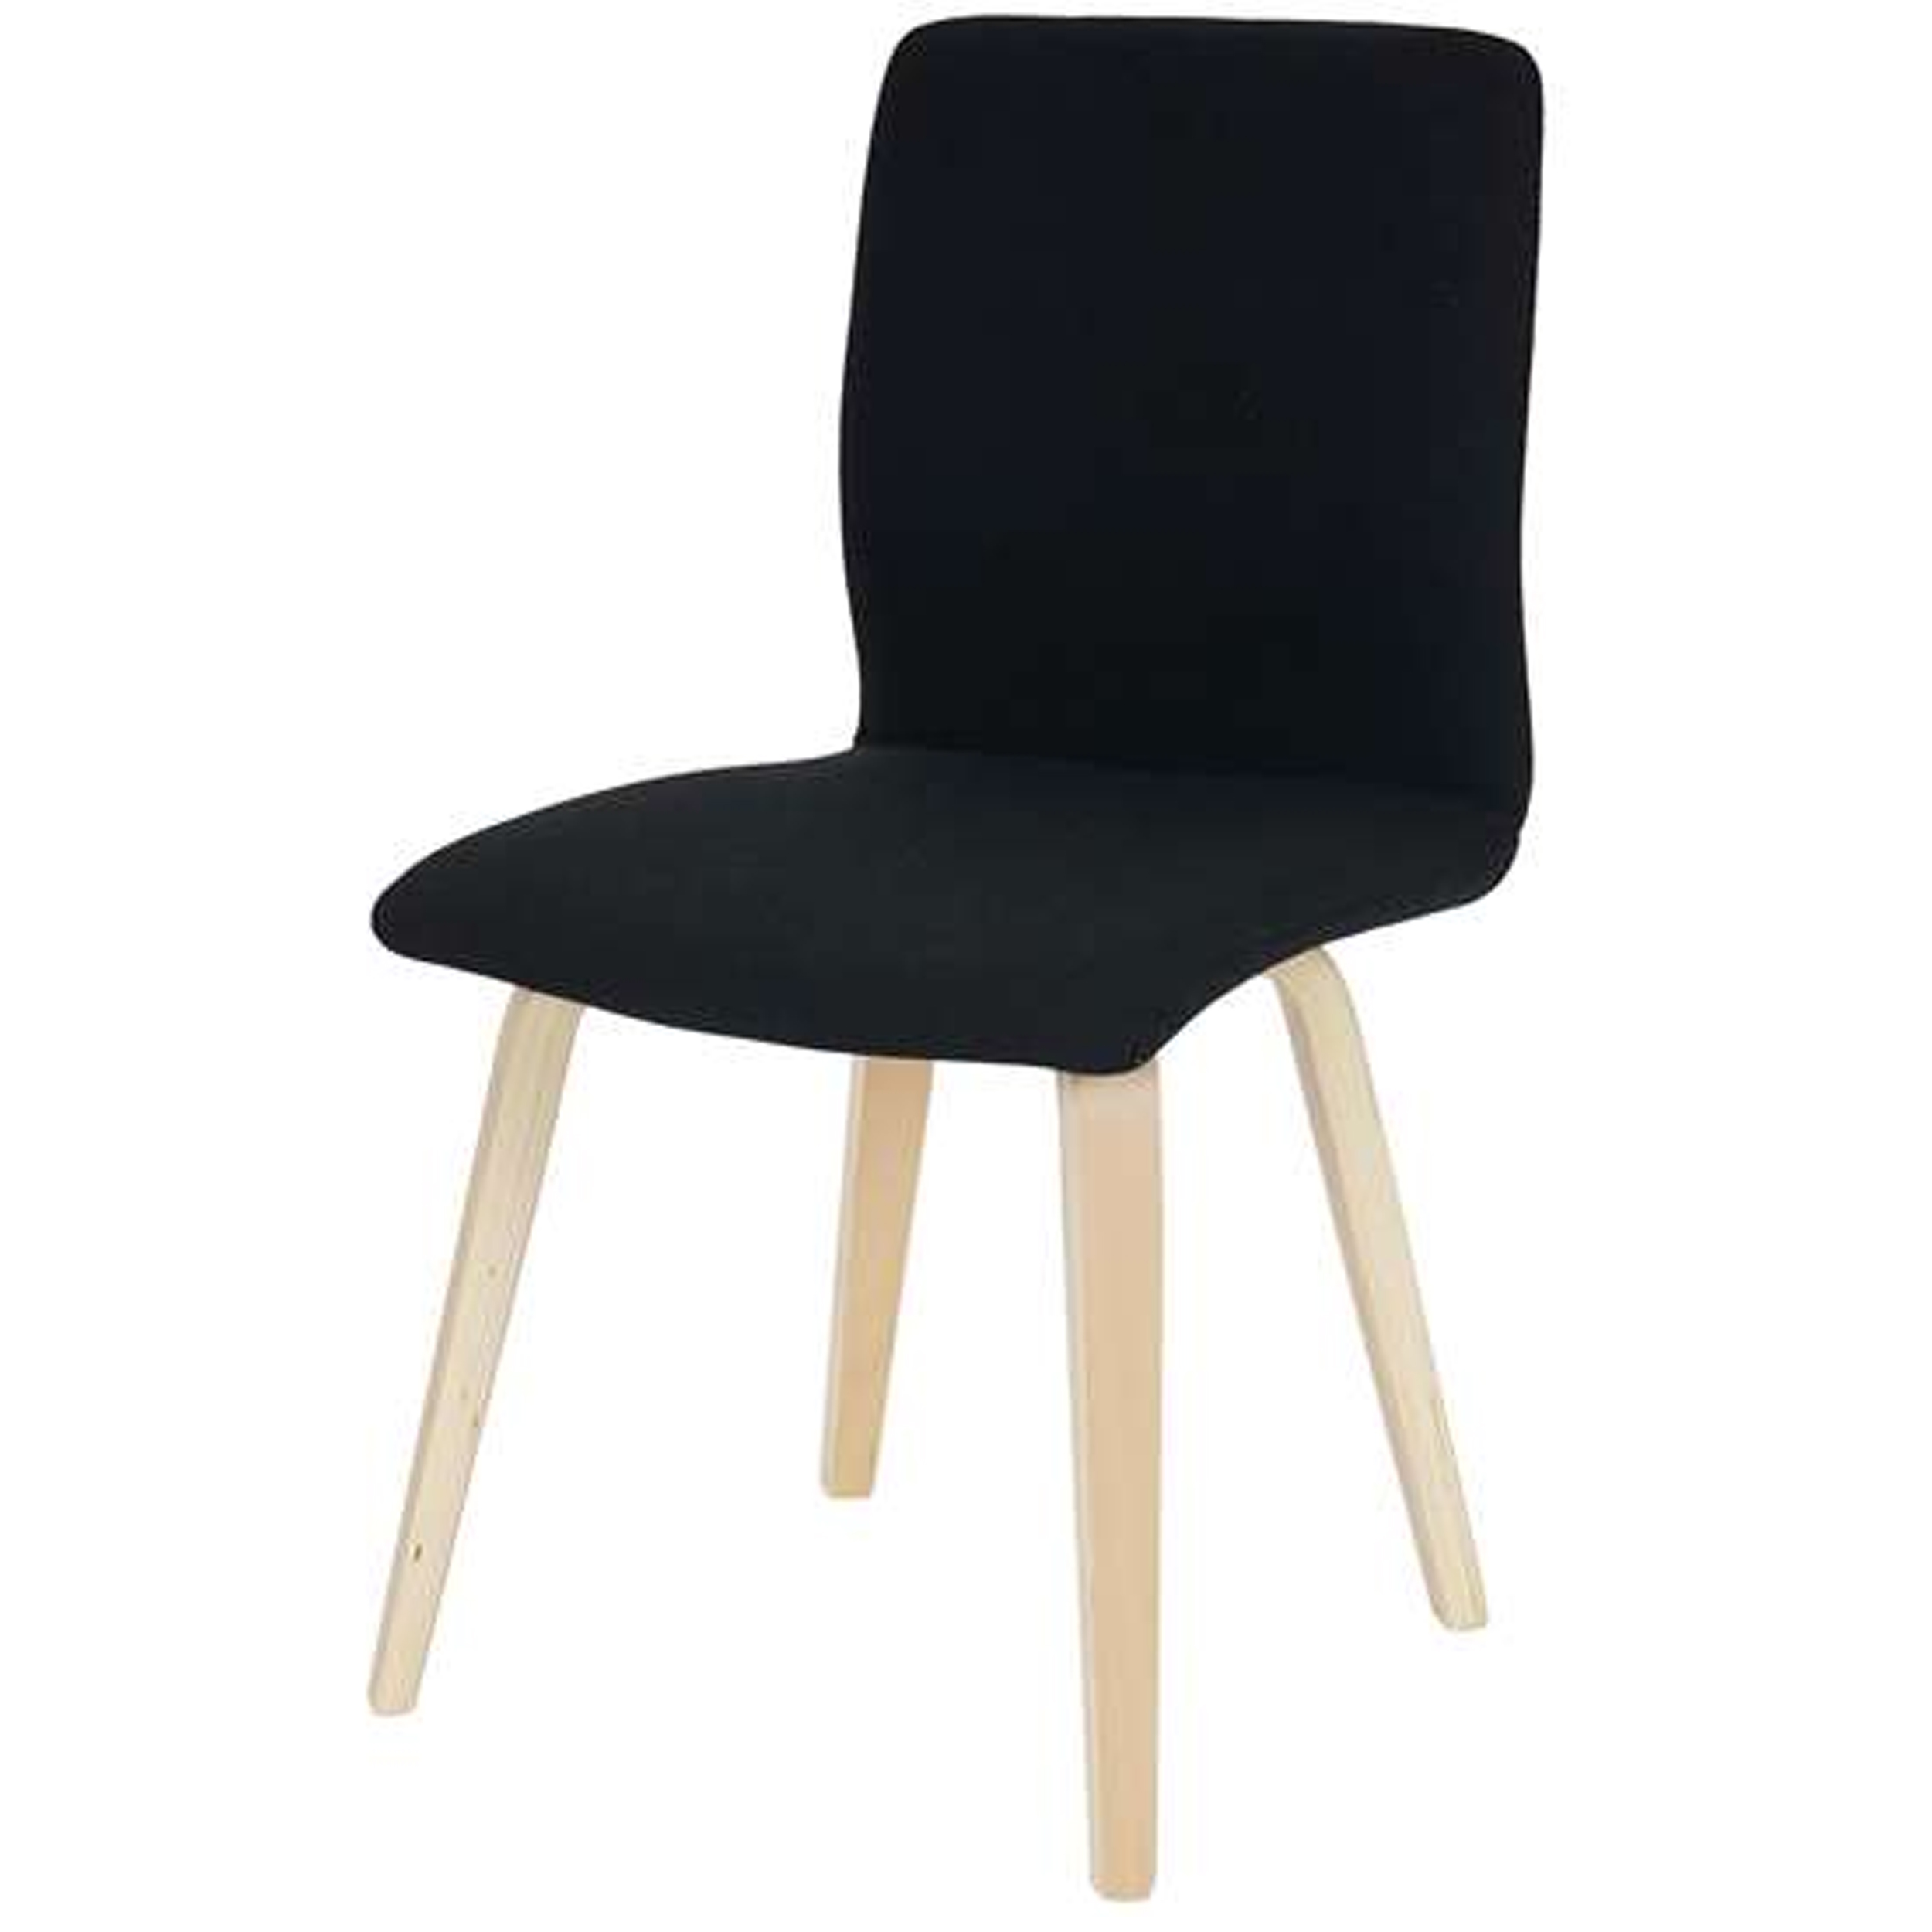 Sillas para el comedor sillas para comedor de inlab for Sillas tapizadas comedor